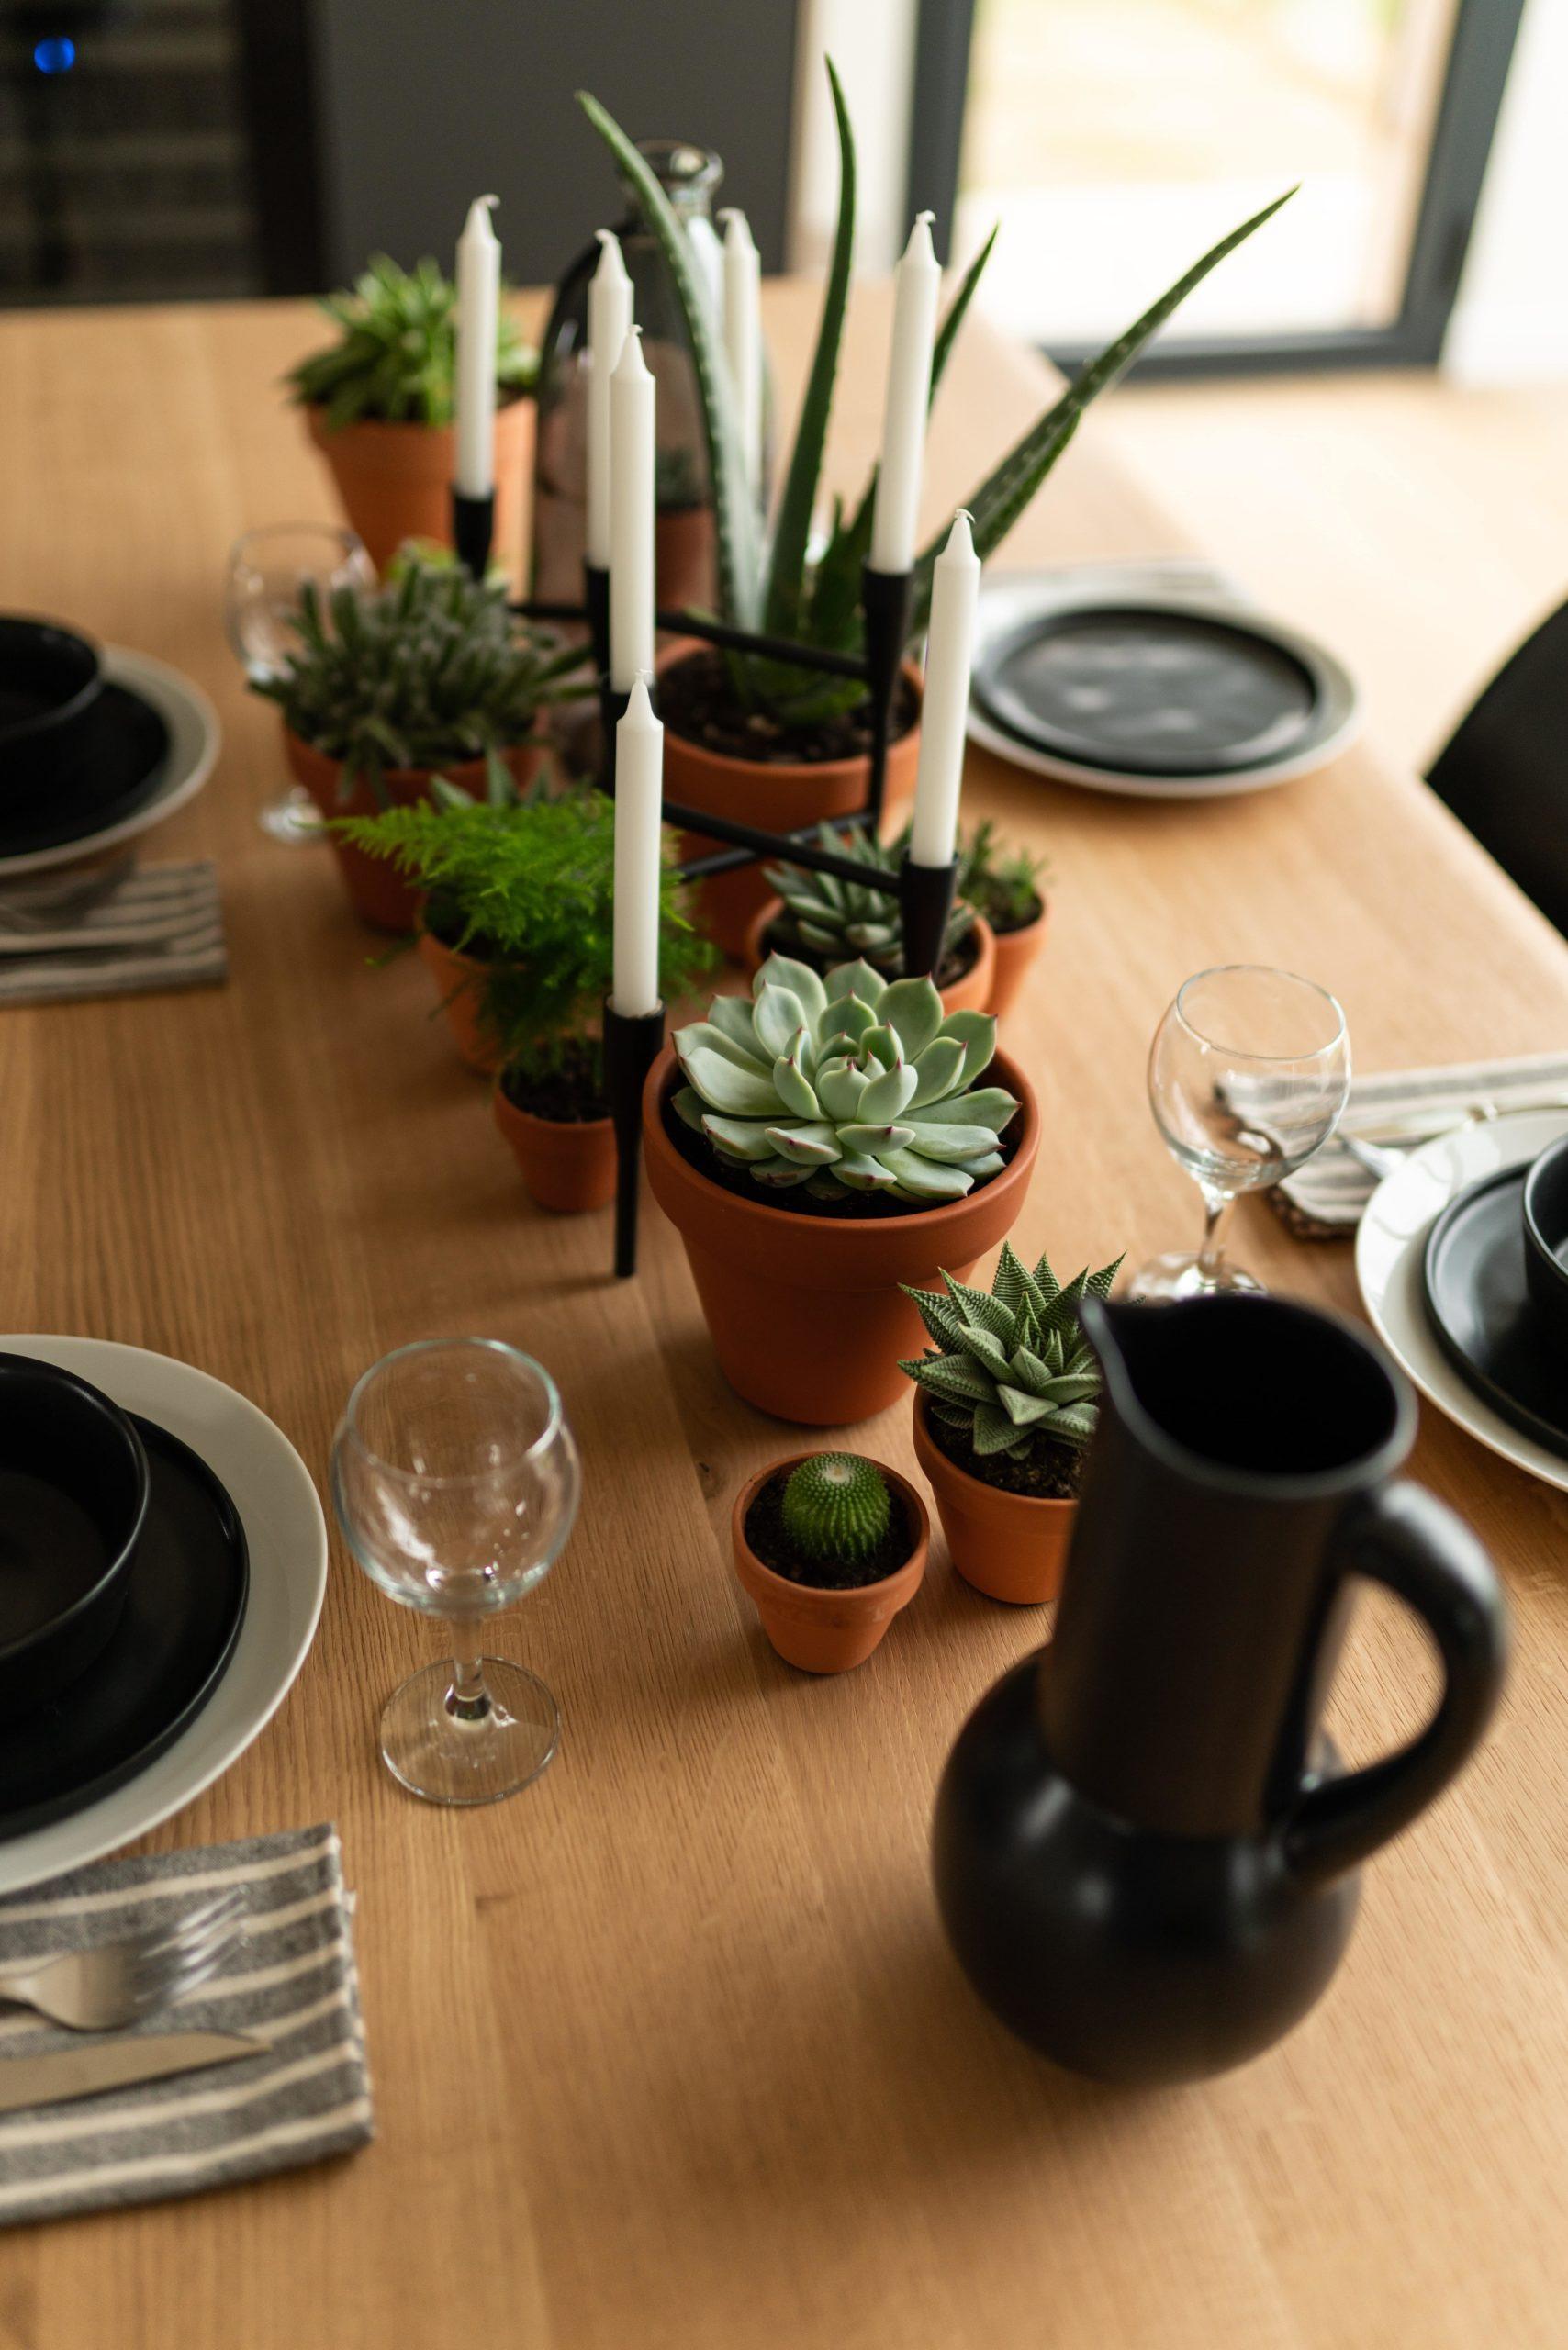 Table à manger Albatros en acier et bois massif / 220 x 100 x H 75 cm / Chêne naturel et charbon noir / ARTMETA / Photo : Aymeric Picot